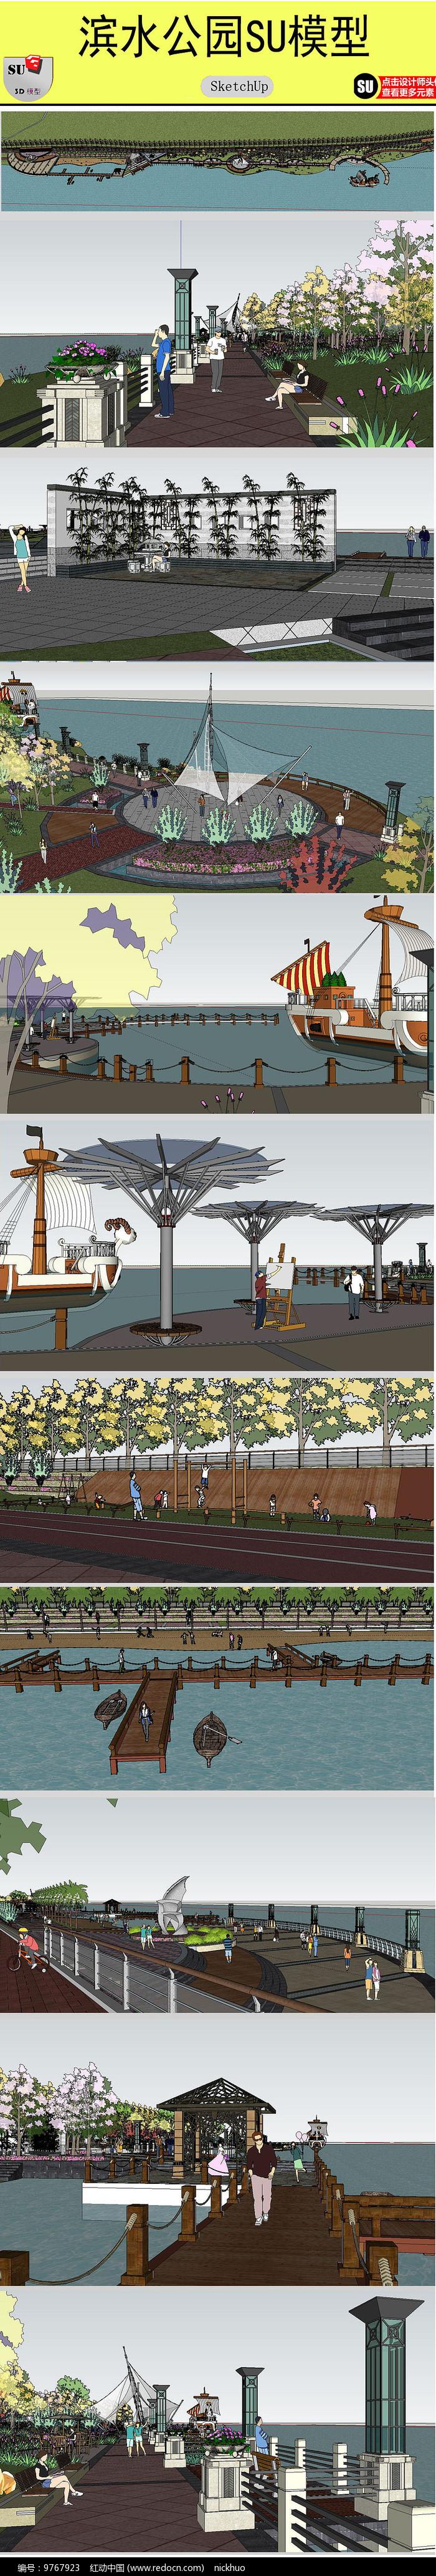 滨水公园设计模型图片